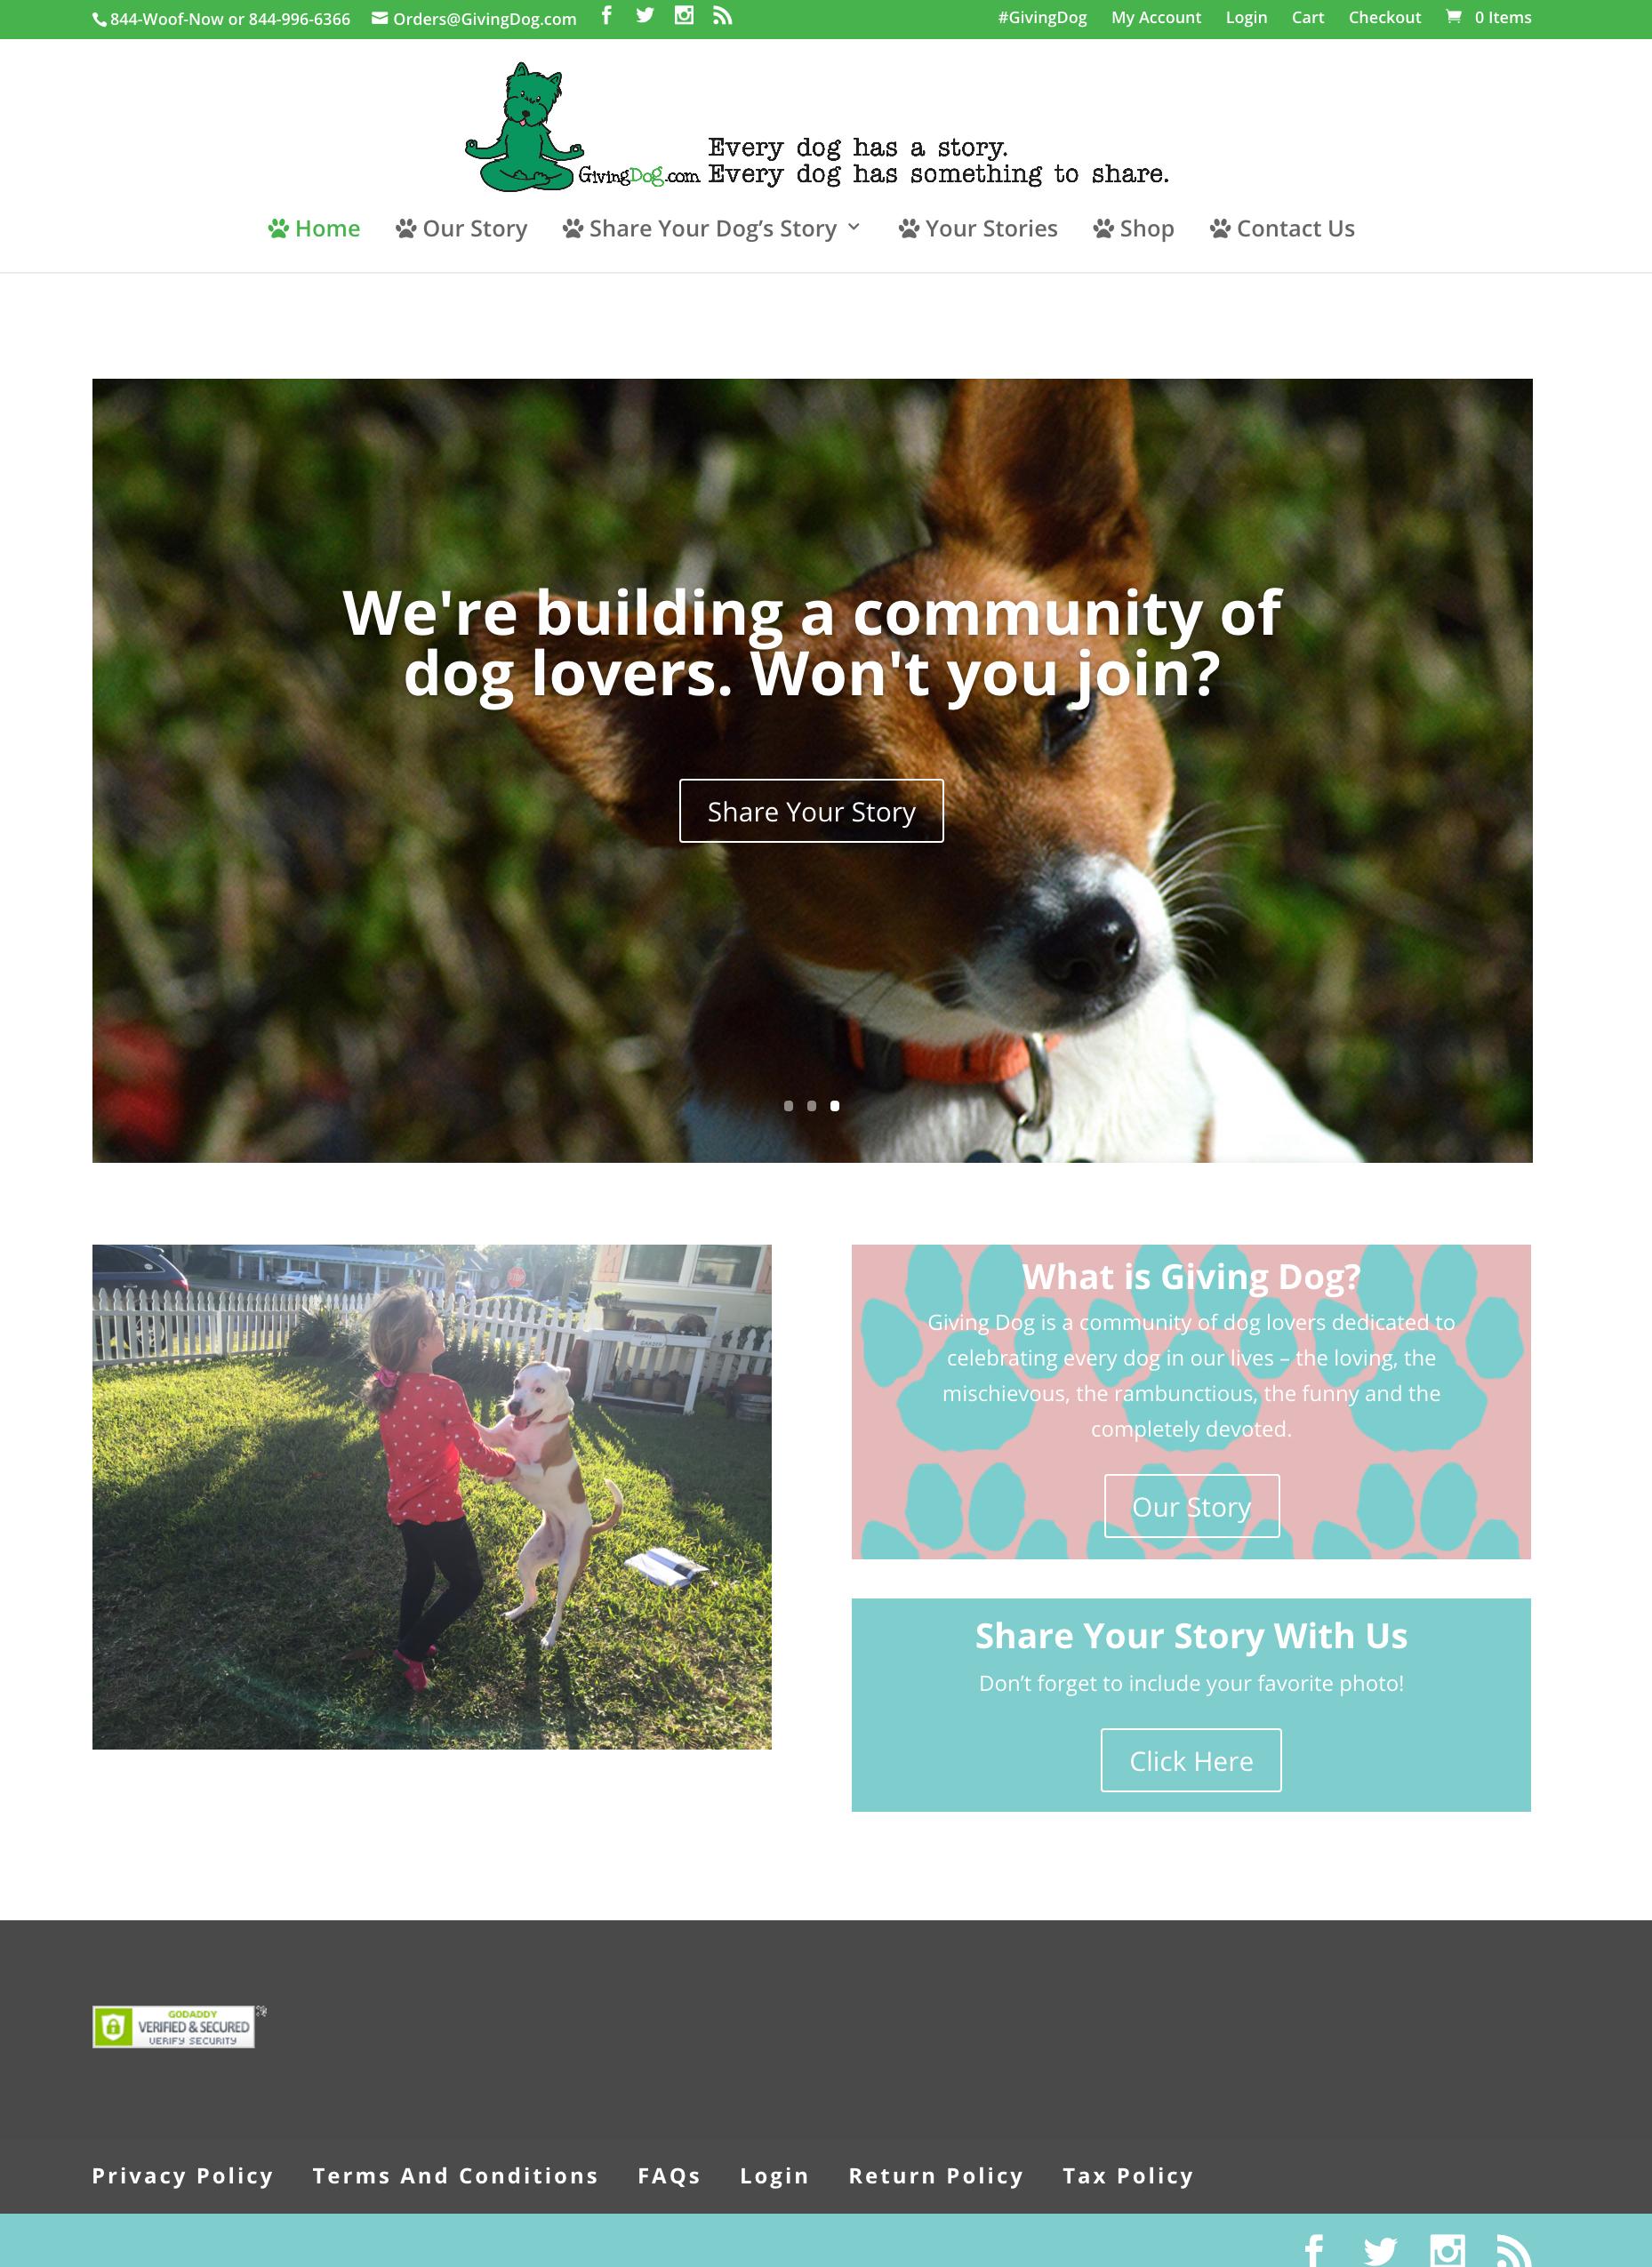 GD web design Screenshot